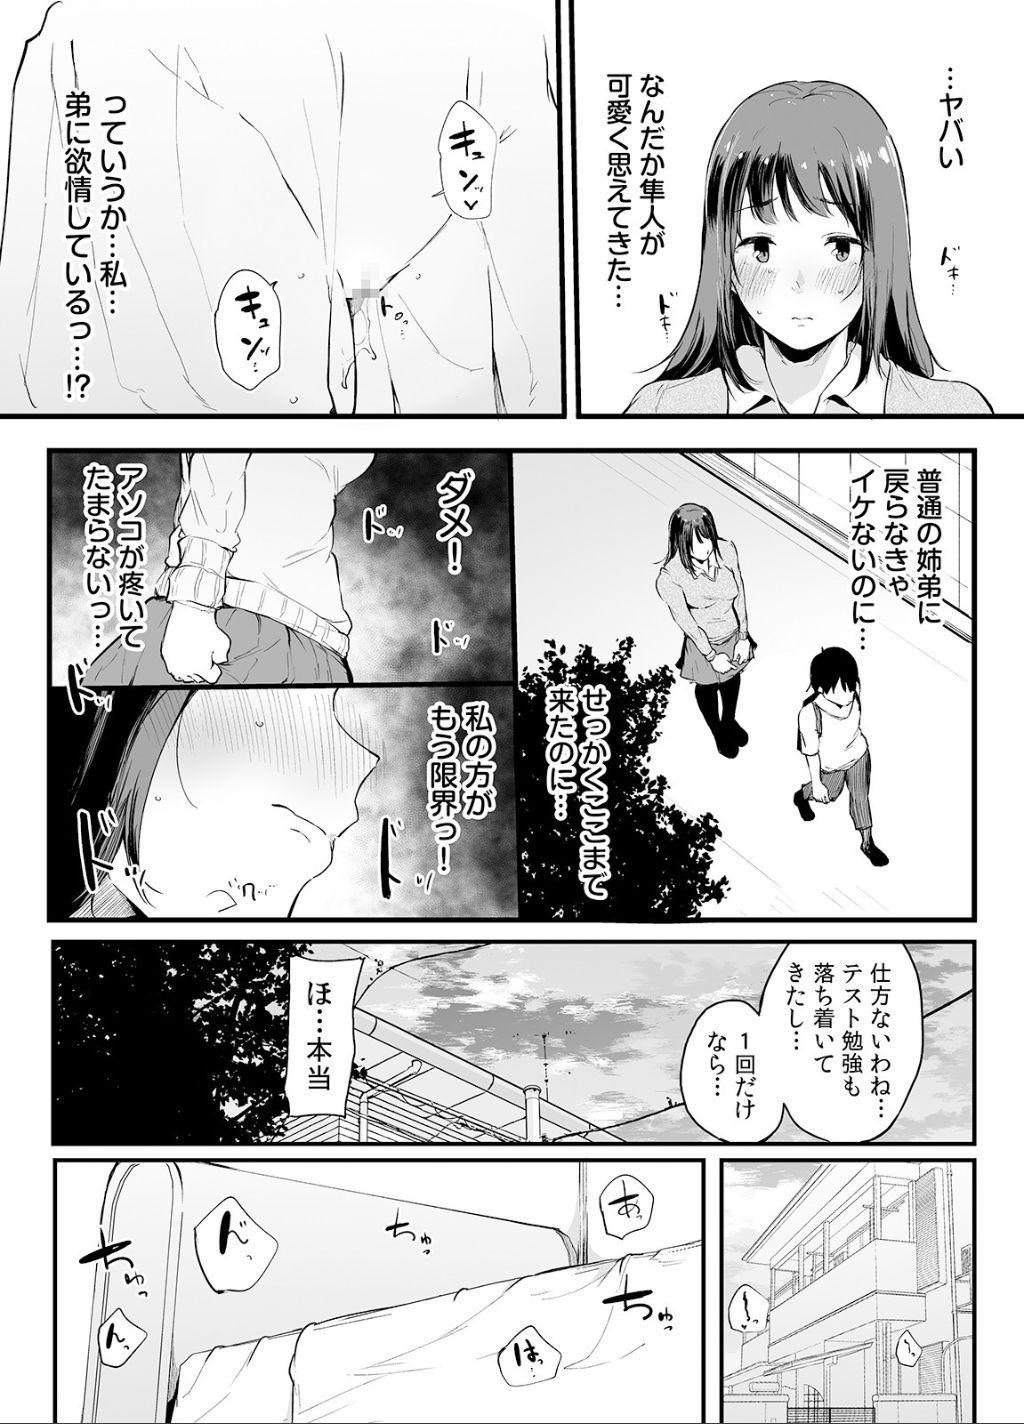 Otouto ni Ero Manga to Onaji Koto o Sare Chau o Nee-chan no Hanashi 2 44